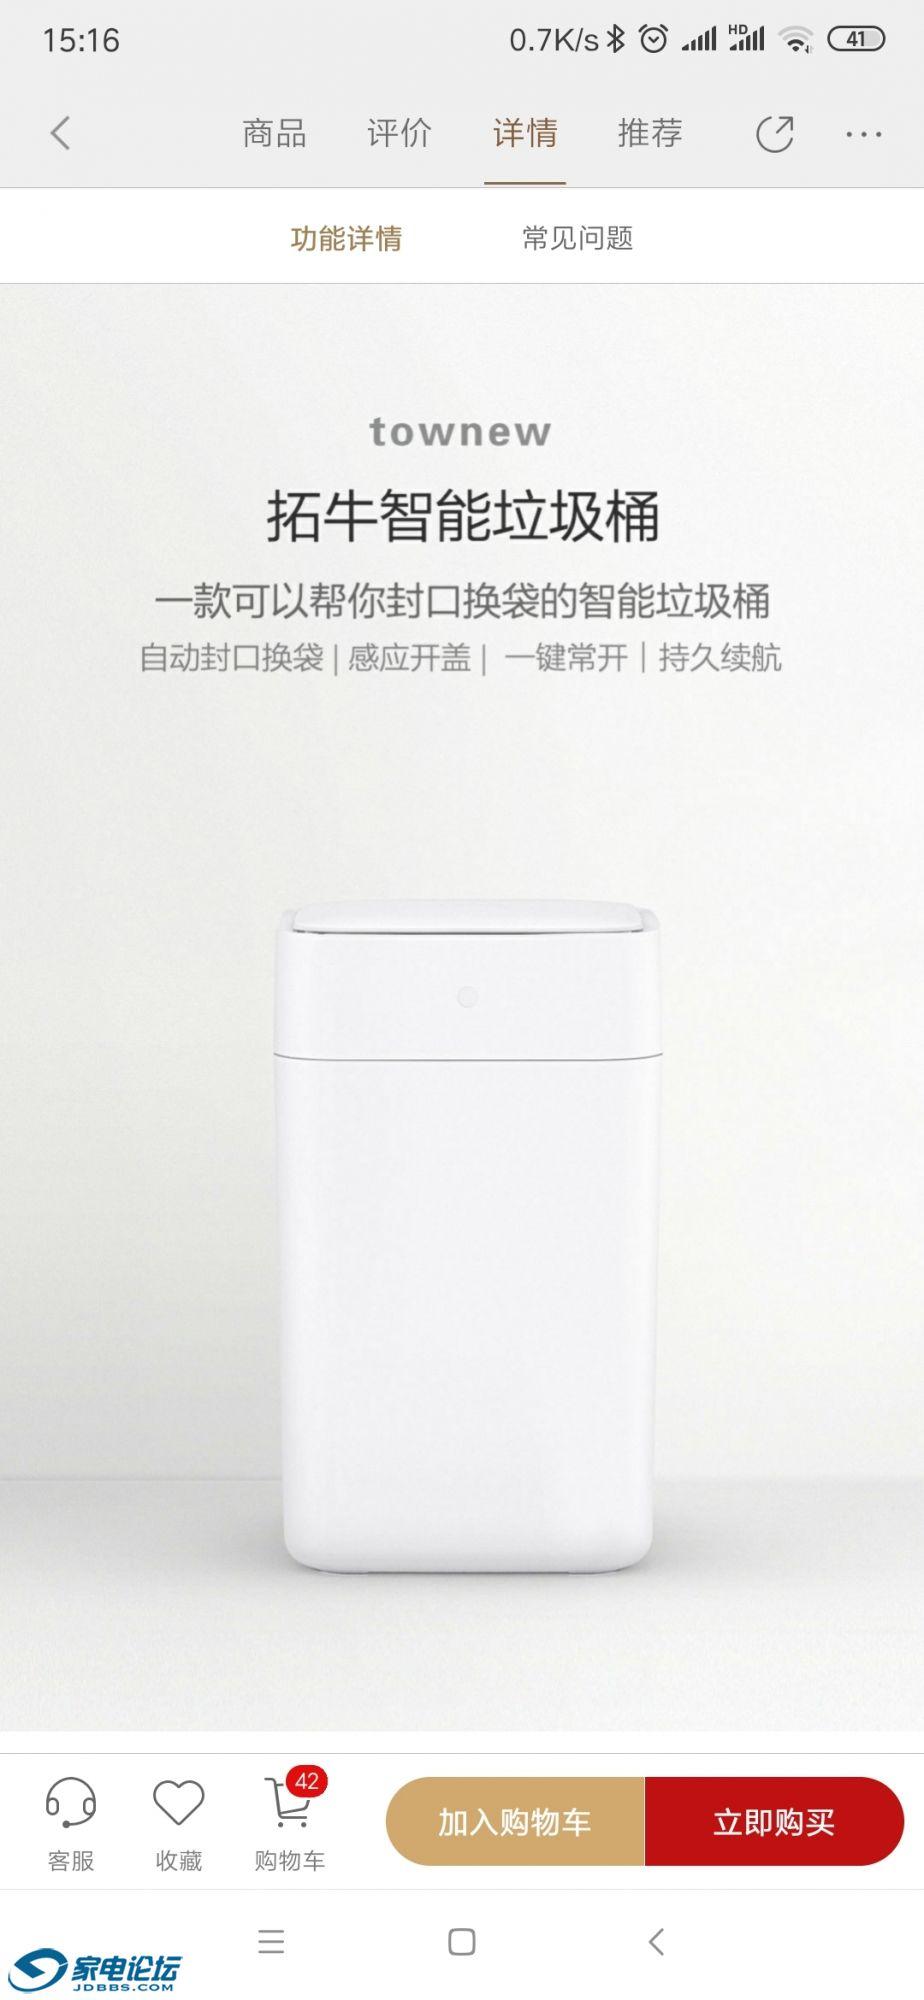 Screenshot_2019-10-18-15-16-06-644_com.xiaomi.smarthome.jpg